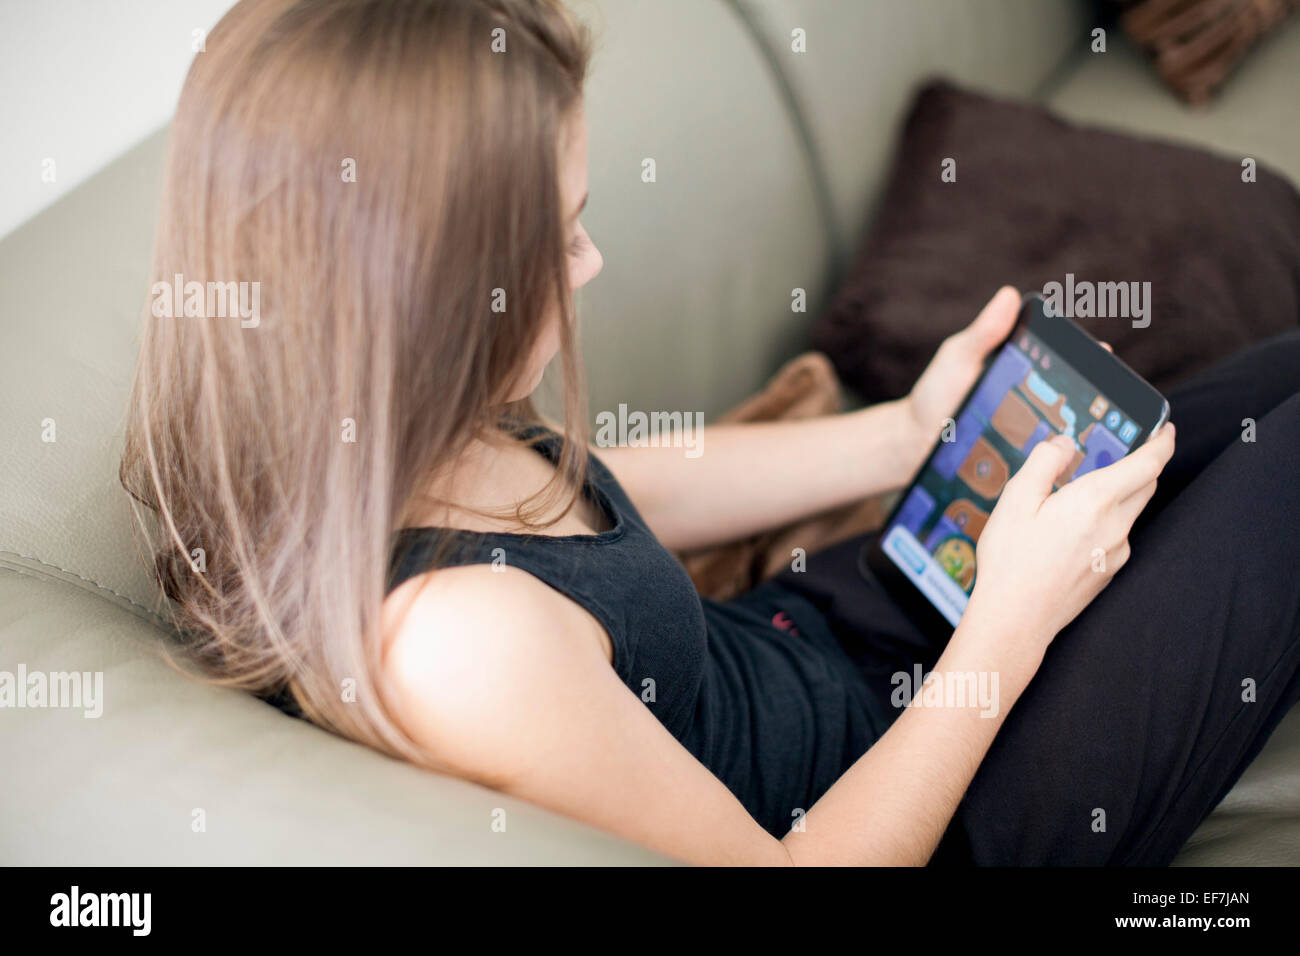 Ragazza adolescente utilizzando digitale compressa sul lettino Immagini Stock